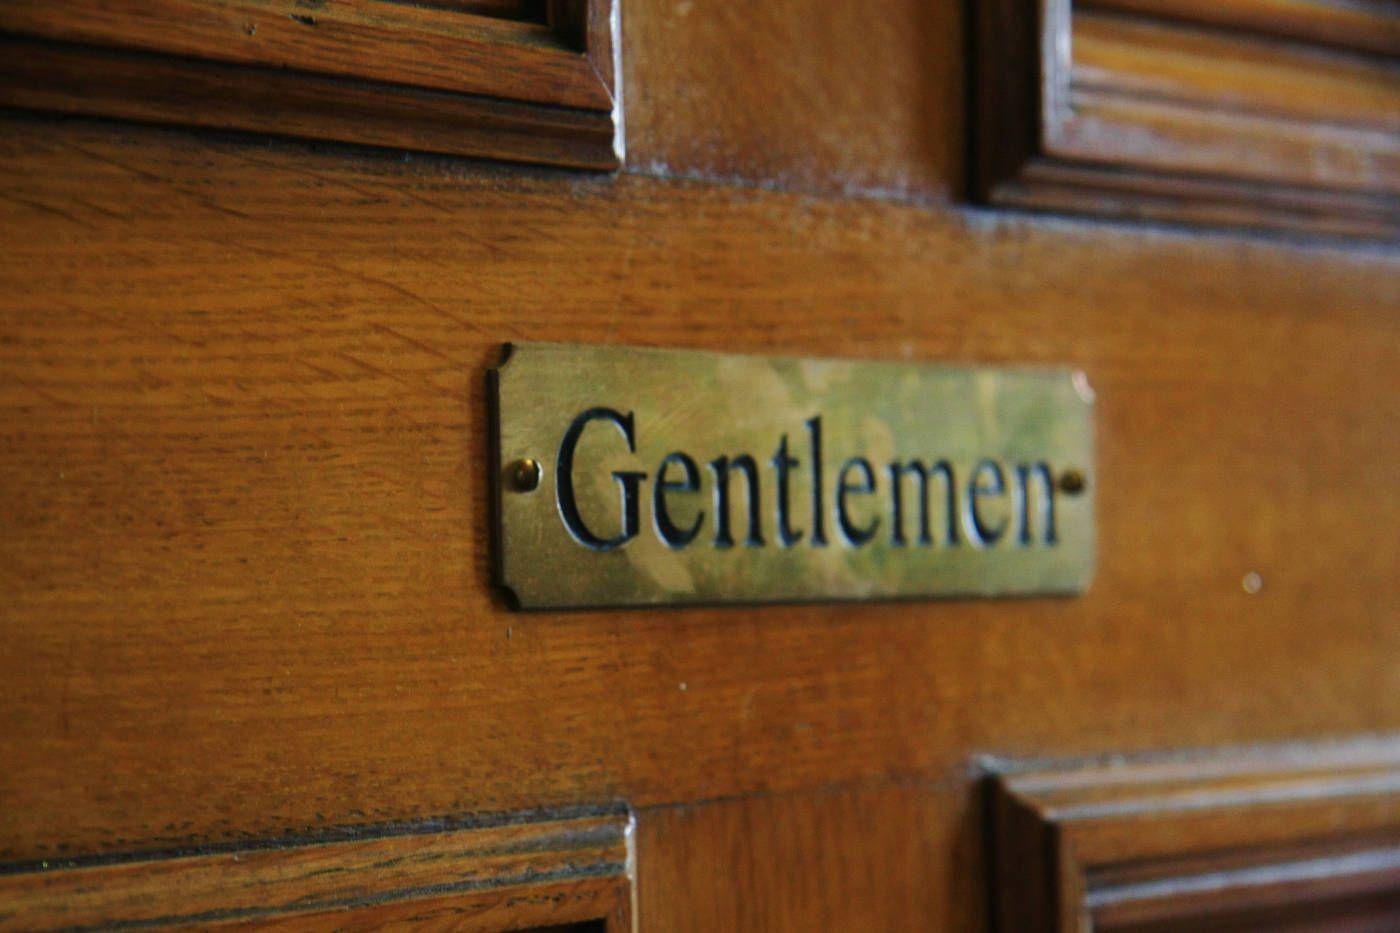 """Čoraz častejšie sa zo ženských úst ozýva stará známa fráza: """" Všetci gentlemani už zrejme vymreli. Dnes už nenájdem chlapa, ktorý sa vie správať…."""" Ženy sú jemné acitlivé stvorenia apokiaľ sa knim muž nedokáže správať súctou aobdivom, cítia sa nedocenené atakisto aj sklamané. Tento článok nie je určený len pre mužov, ktorí sú single achcú …"""